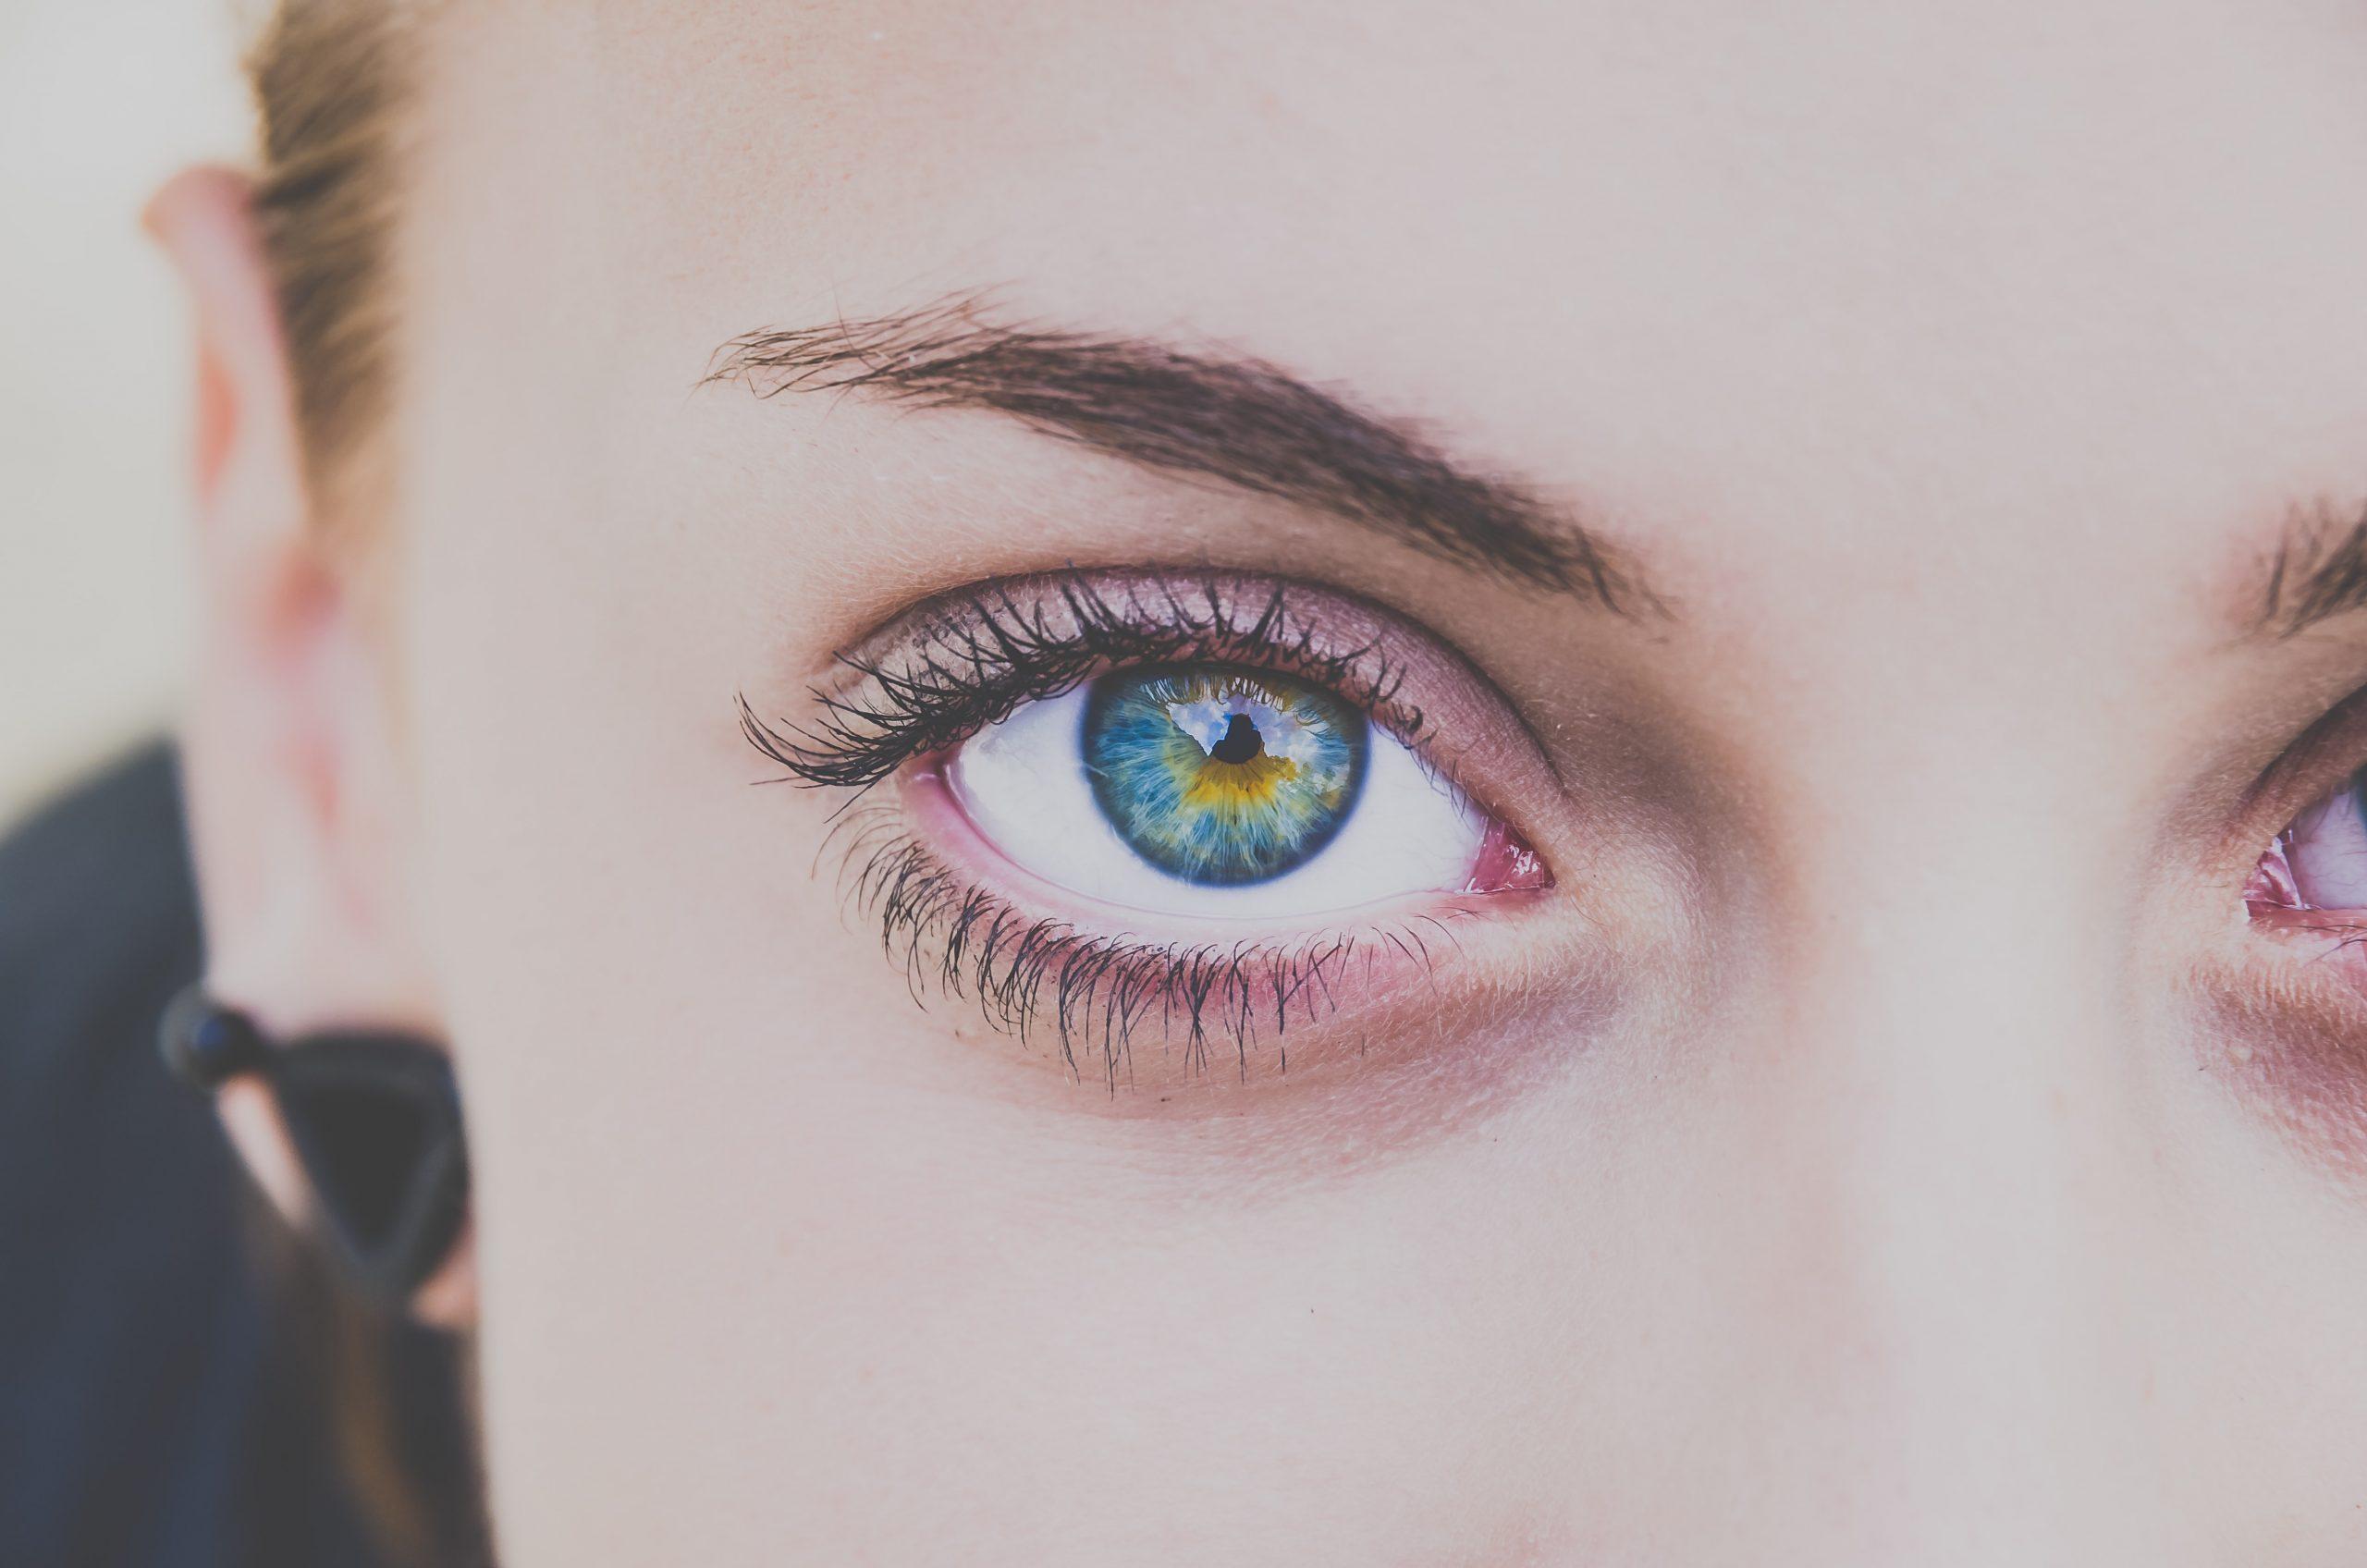 orgoglio occhiaie sfoggiarle è un trend